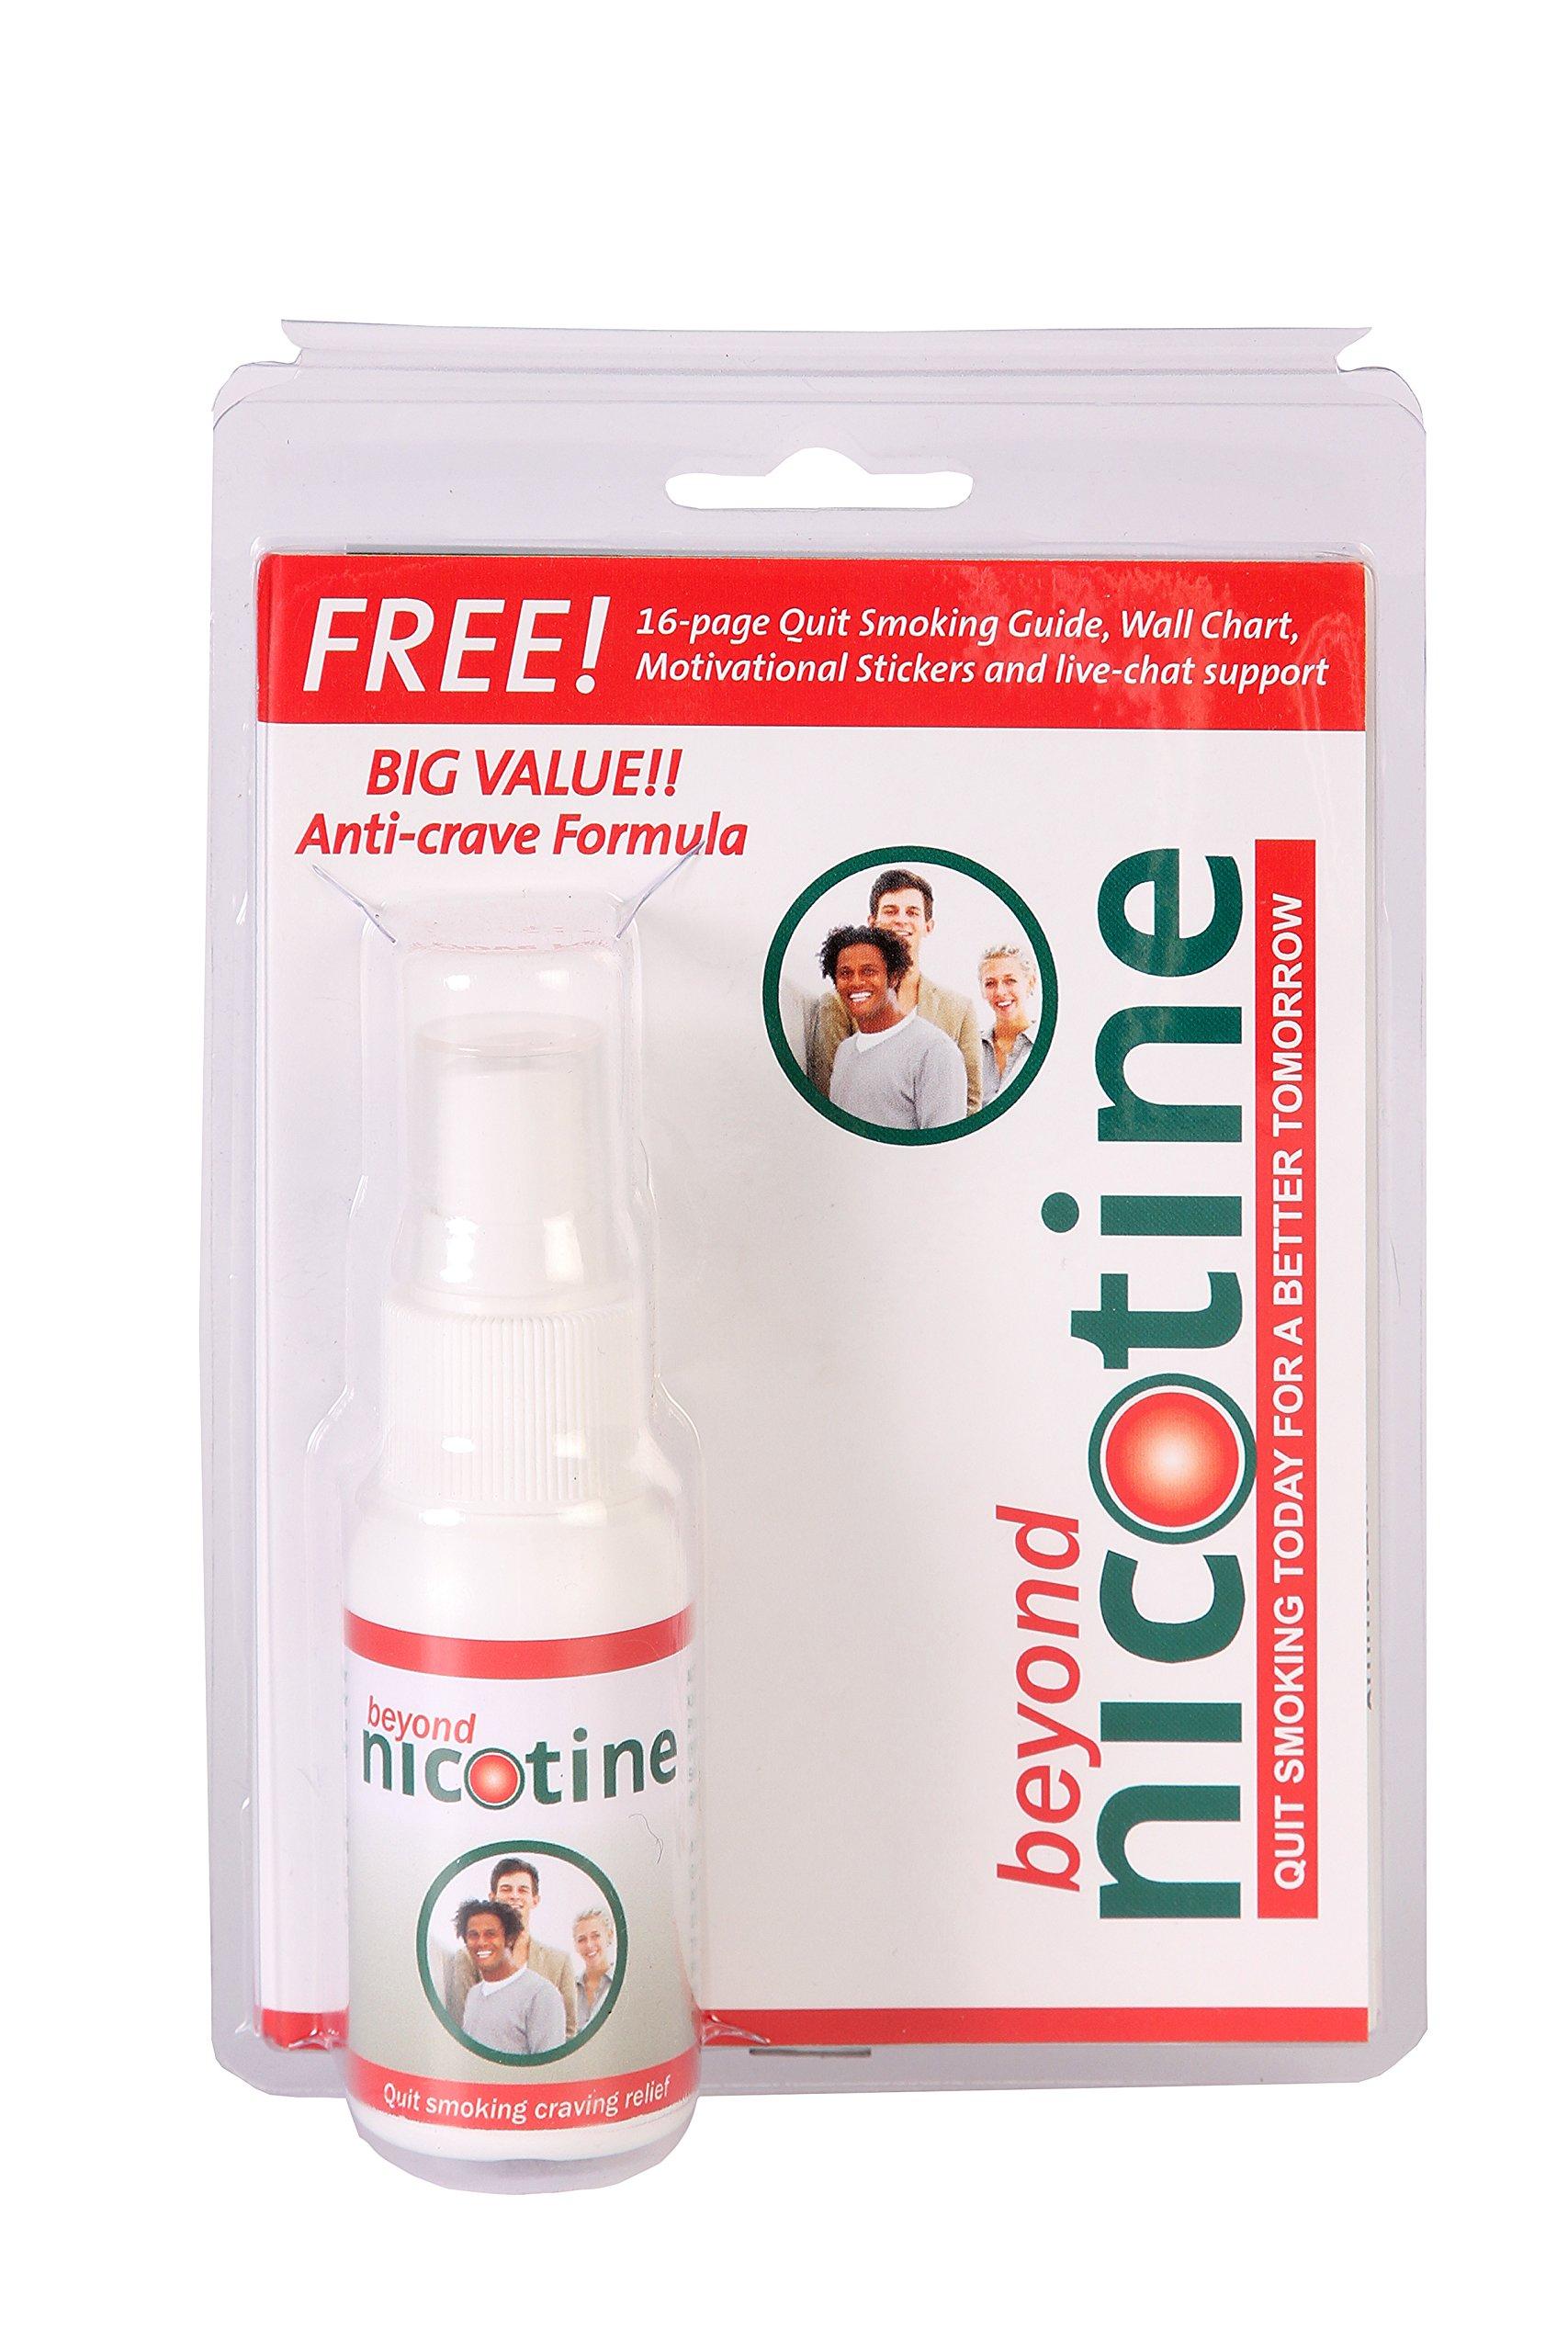 Beyond Nicotine Quit Smoking Oral Spray